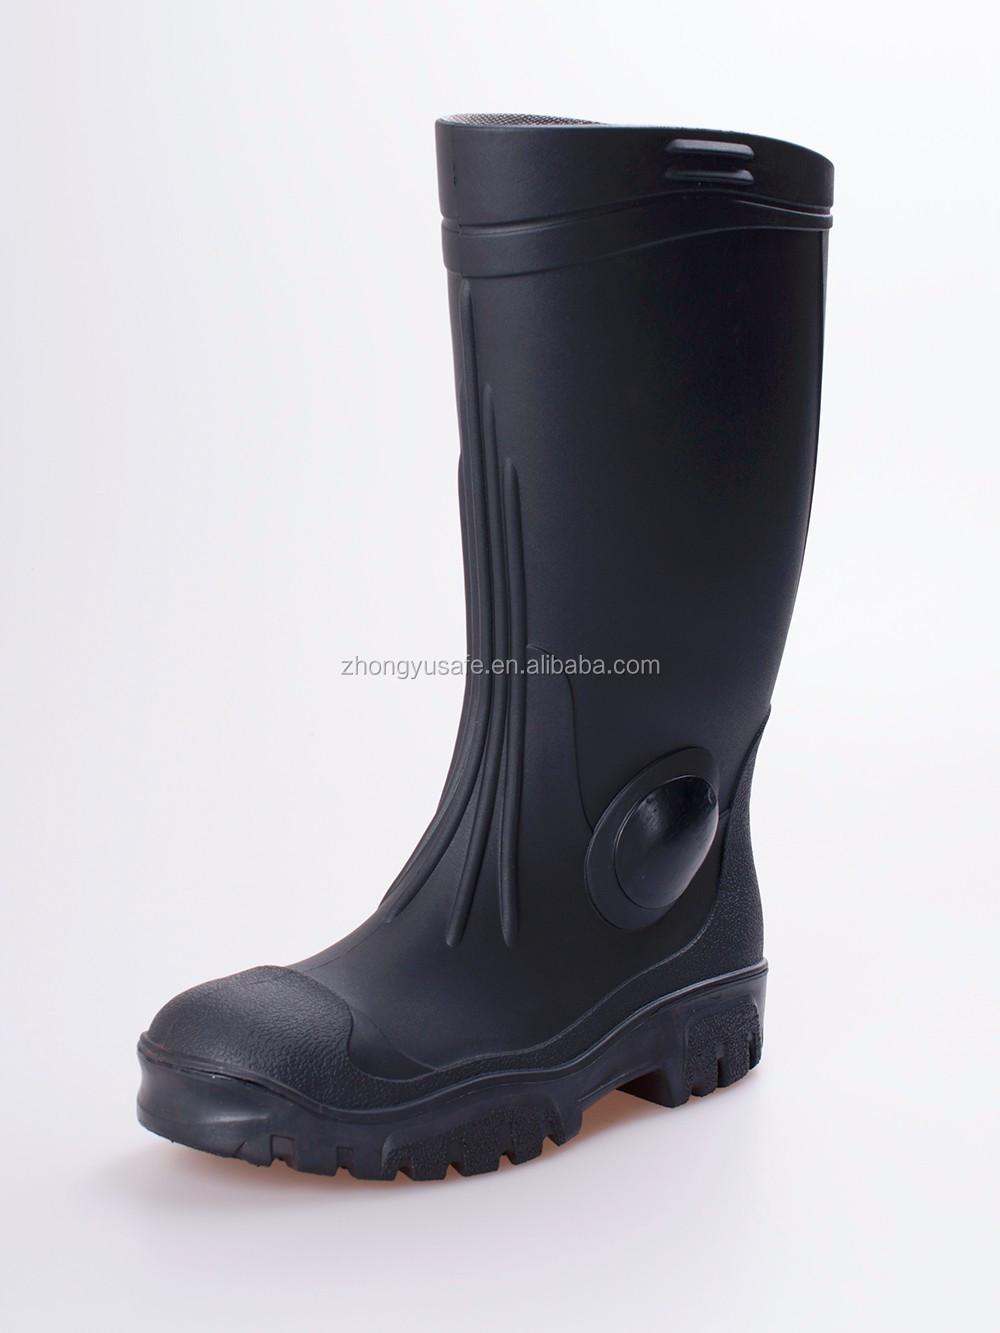 Travail Wellington Bottes Pas Cher Hommes Agriculture Bottes De Pluie,L'agriculture Chaussures Buy Chaussures Agricoles,Chaussures Agricoles,Bottes